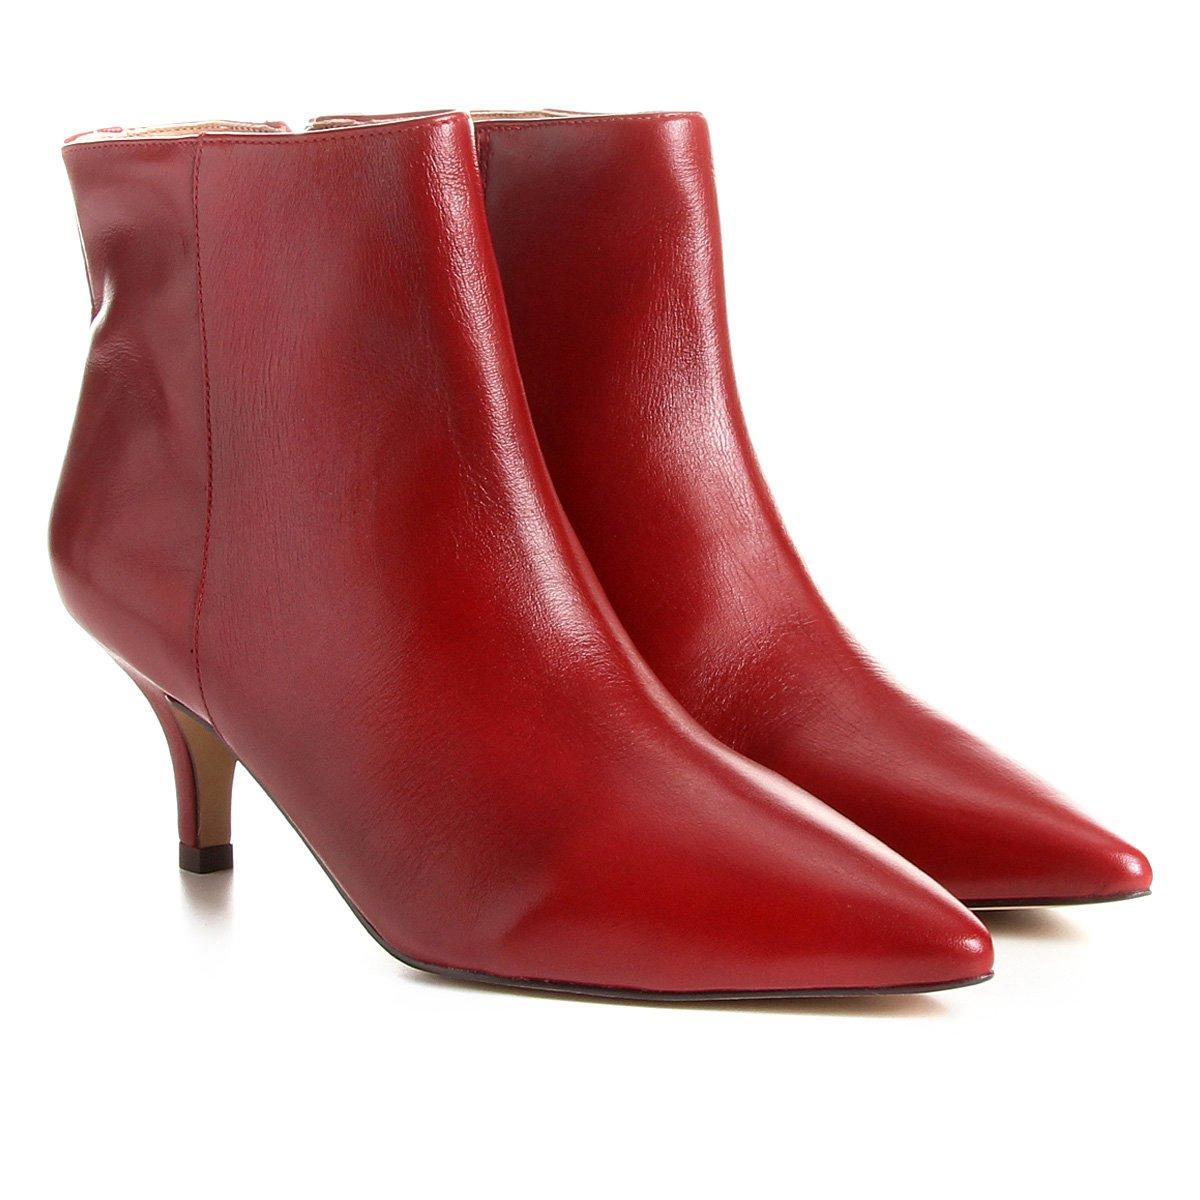 f42e14d10a Bota Couro Cano Curto Shoestock Salto Curto Feminina - Vermelho ...